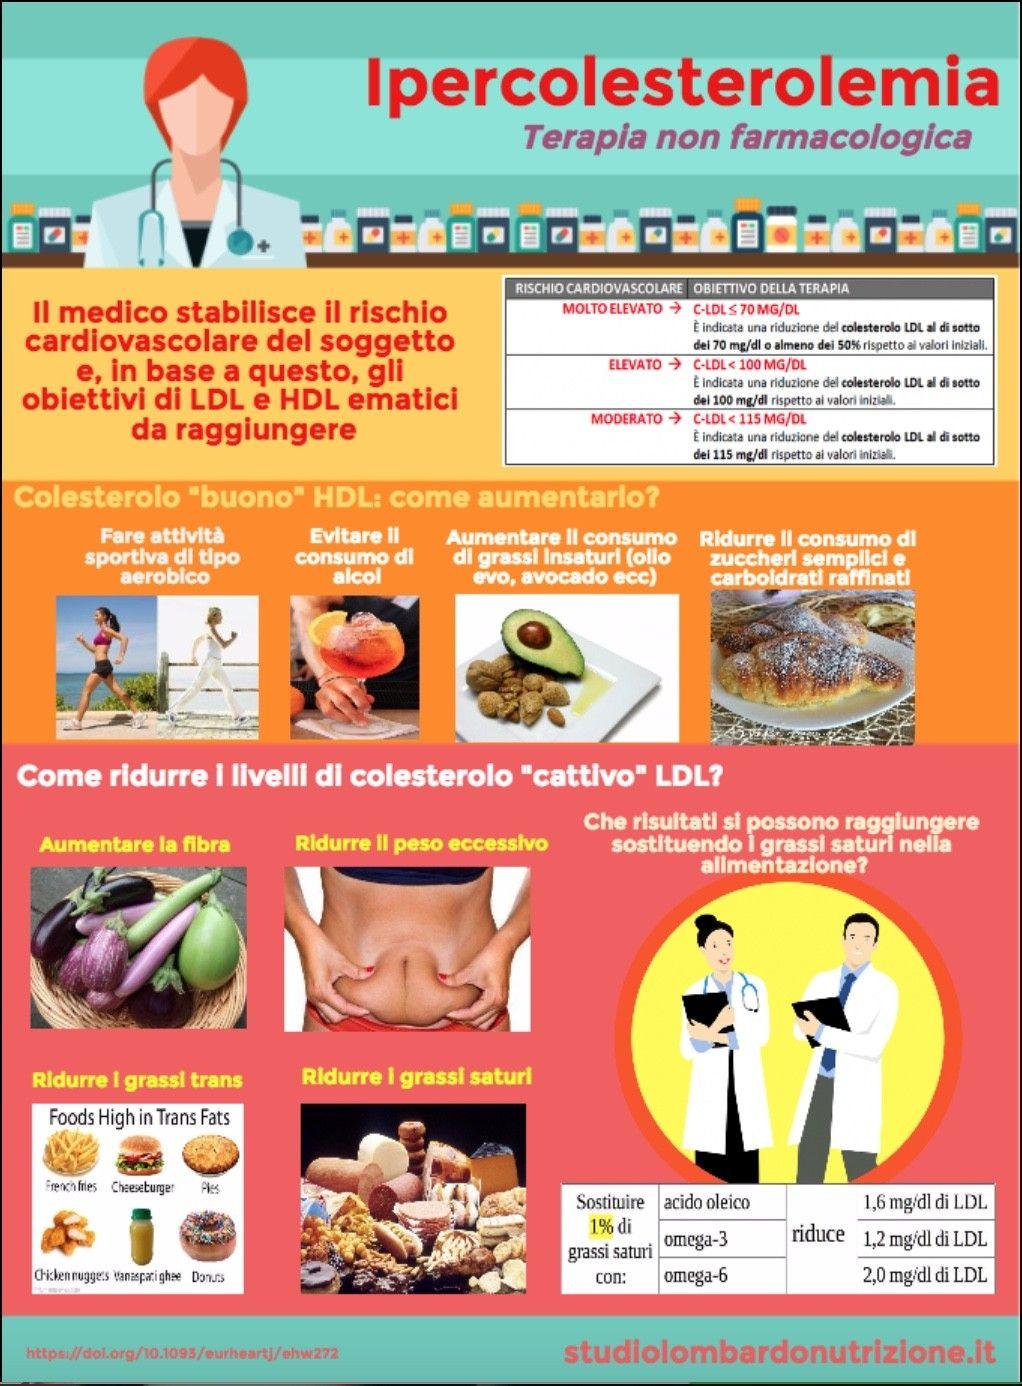 dieta ipercolesterolemia